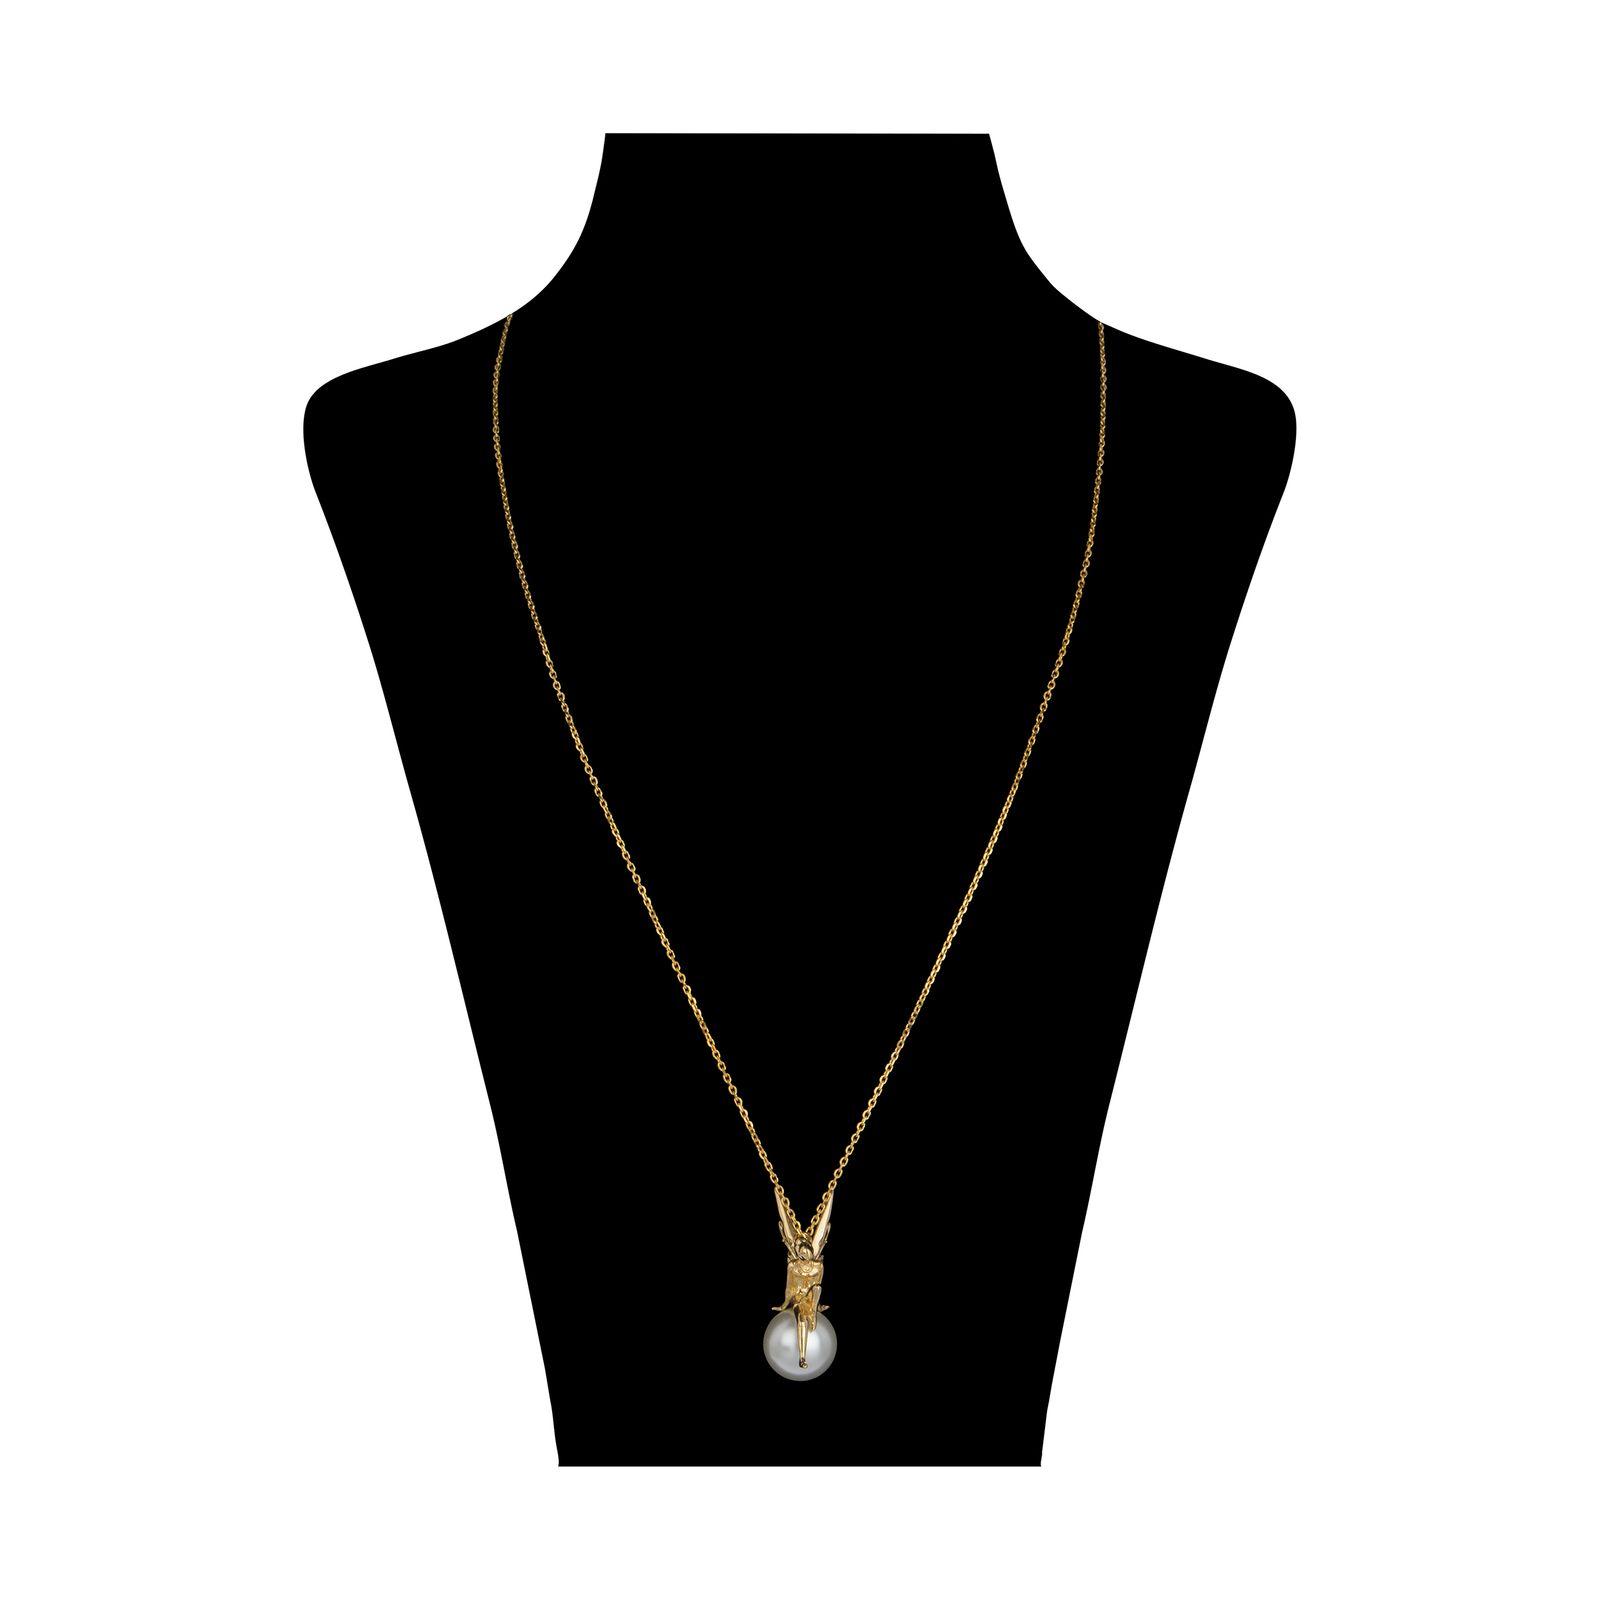 گردنبند طلا 18 عیار زنانه سیودو مدل 119559 -  - 2